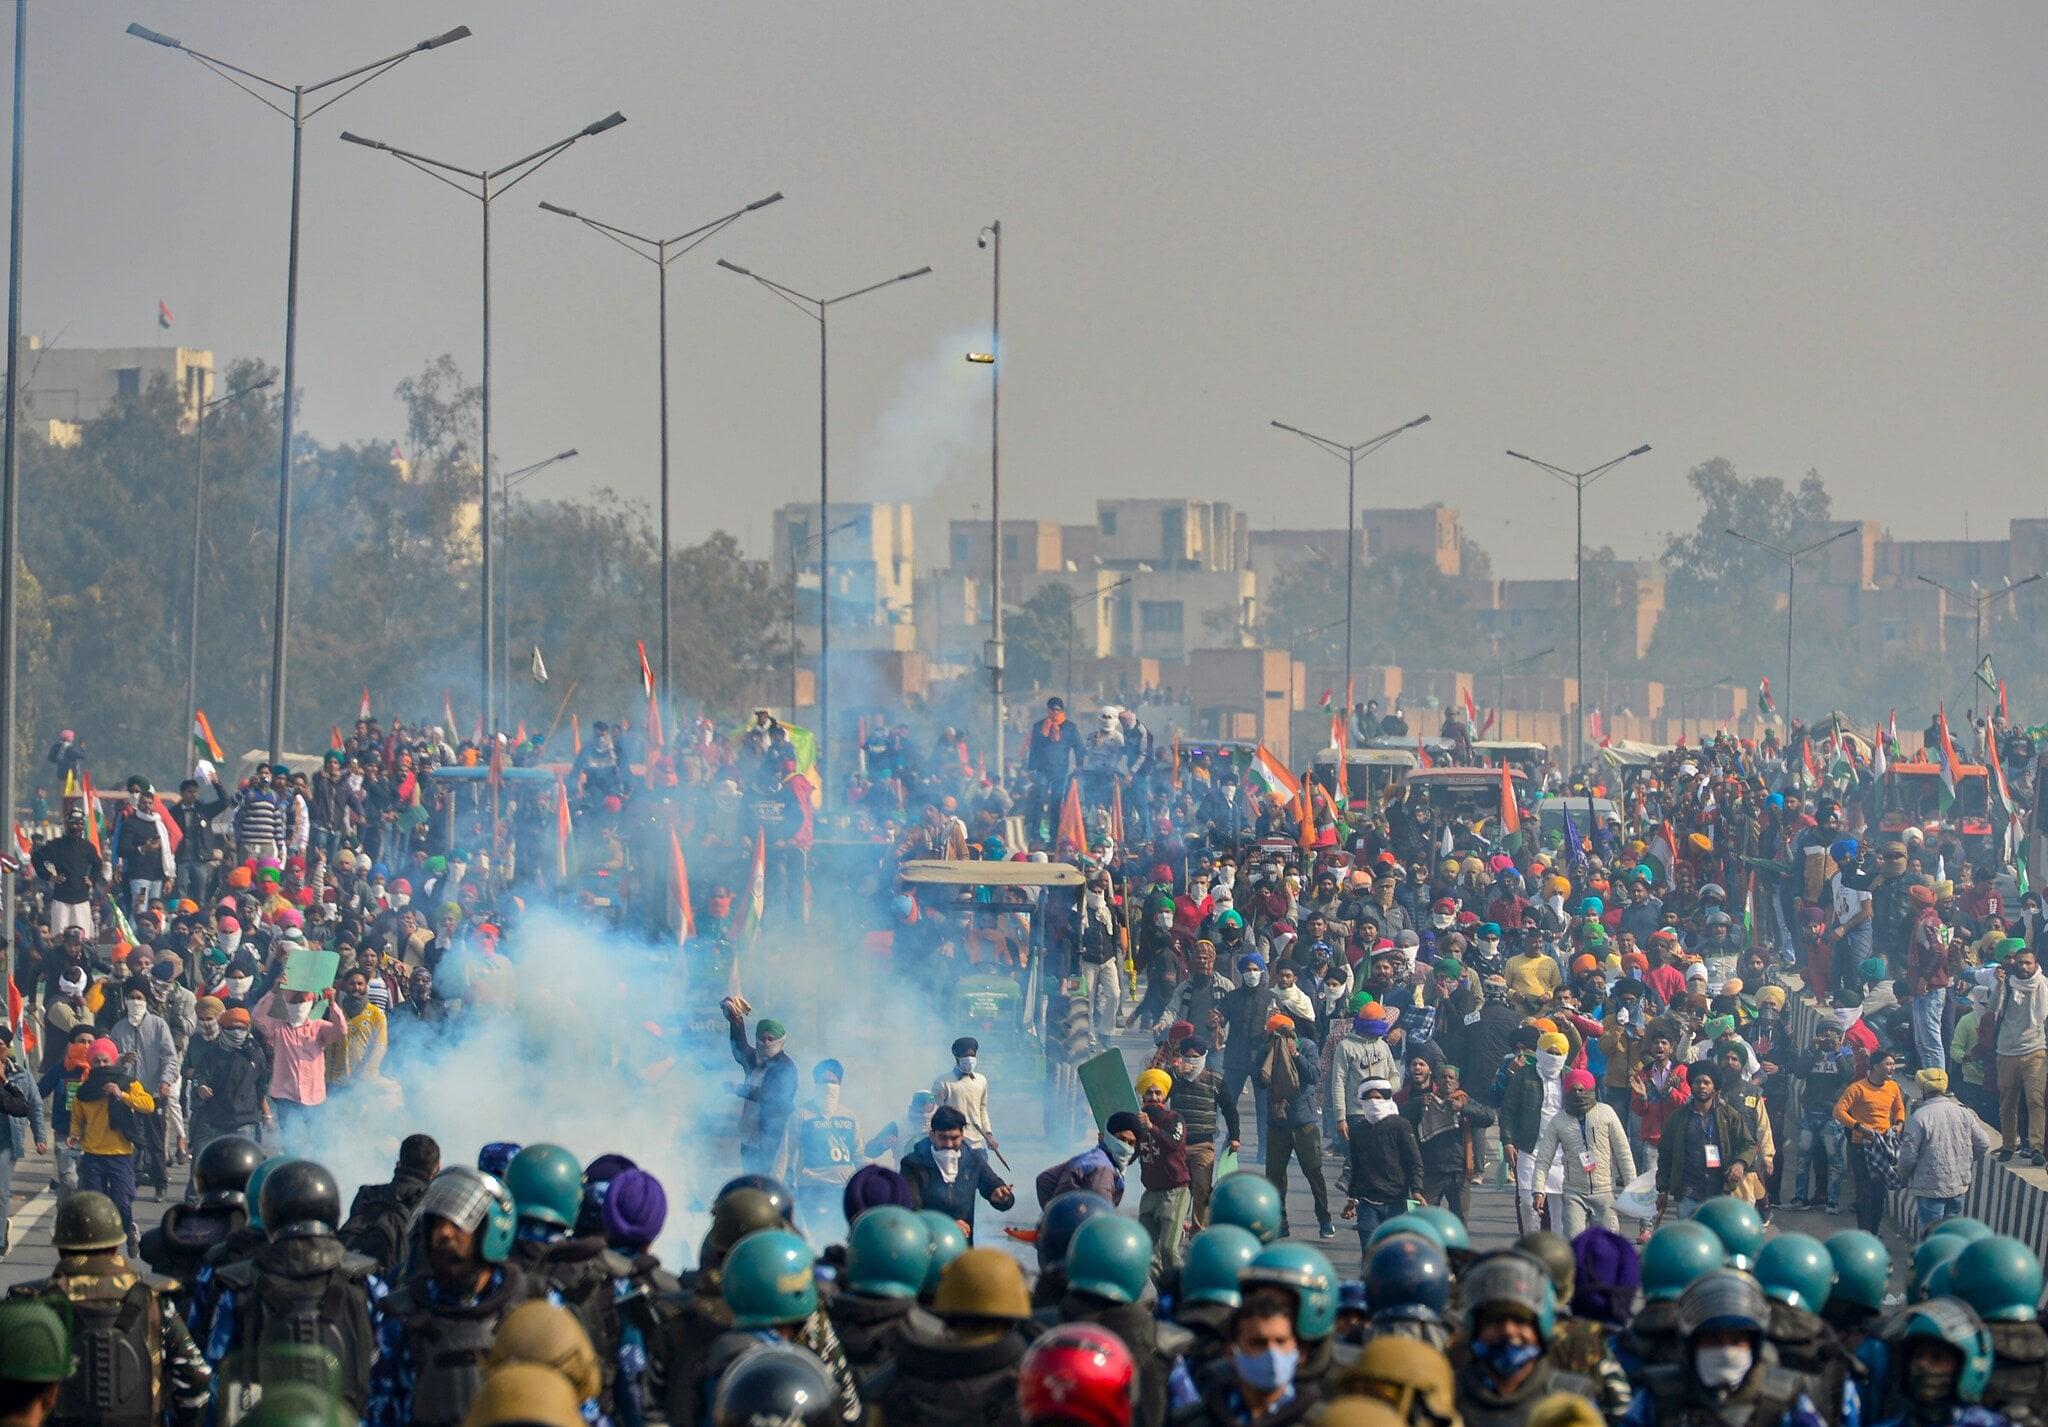 காசிப்பூர் எல்லையில் தடுப்புகளை உடைக்க முயன்ற விவசாயிகளை கலைக்க போலீசார் கண்ணீர்ப்புகை குண்டுகளை பயன்படுத்தினர். (Image: PTI)